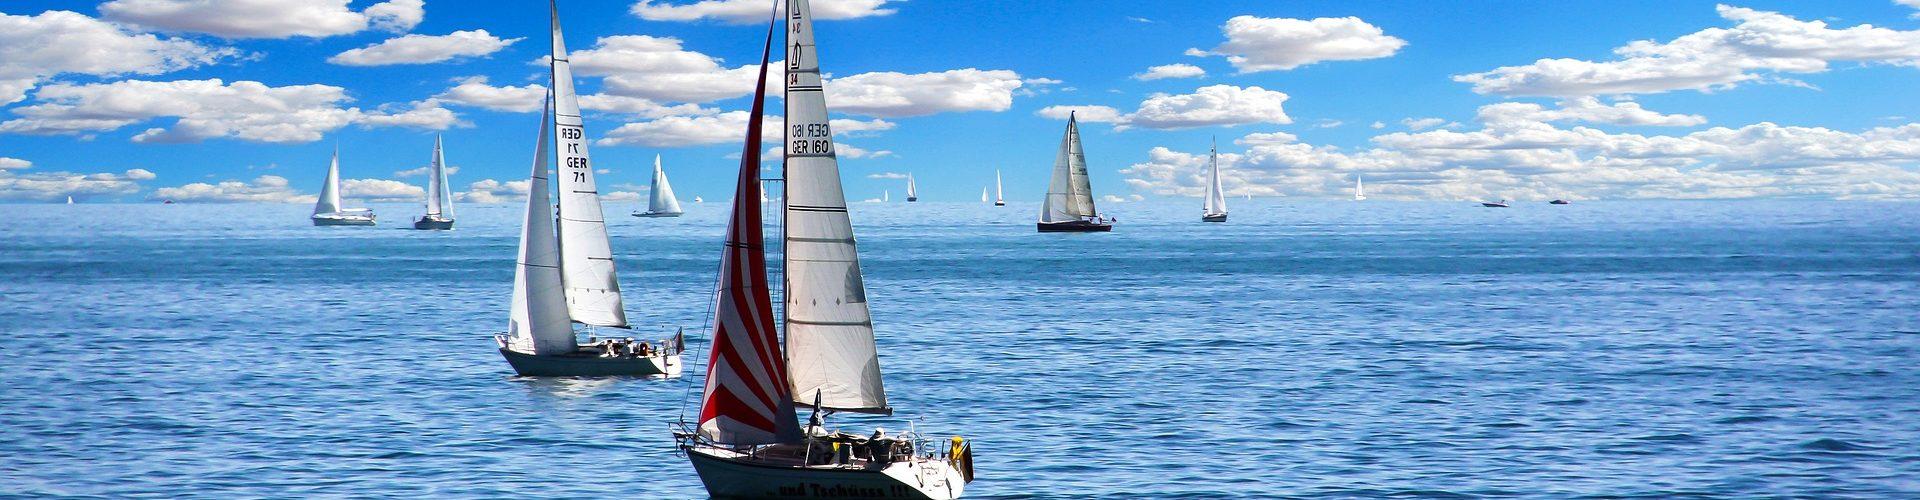 segeln lernen in Bad Wörishofen segelschein machen in Bad Wörishofen 1920x500 - Segeln lernen in Bad Wörishofen